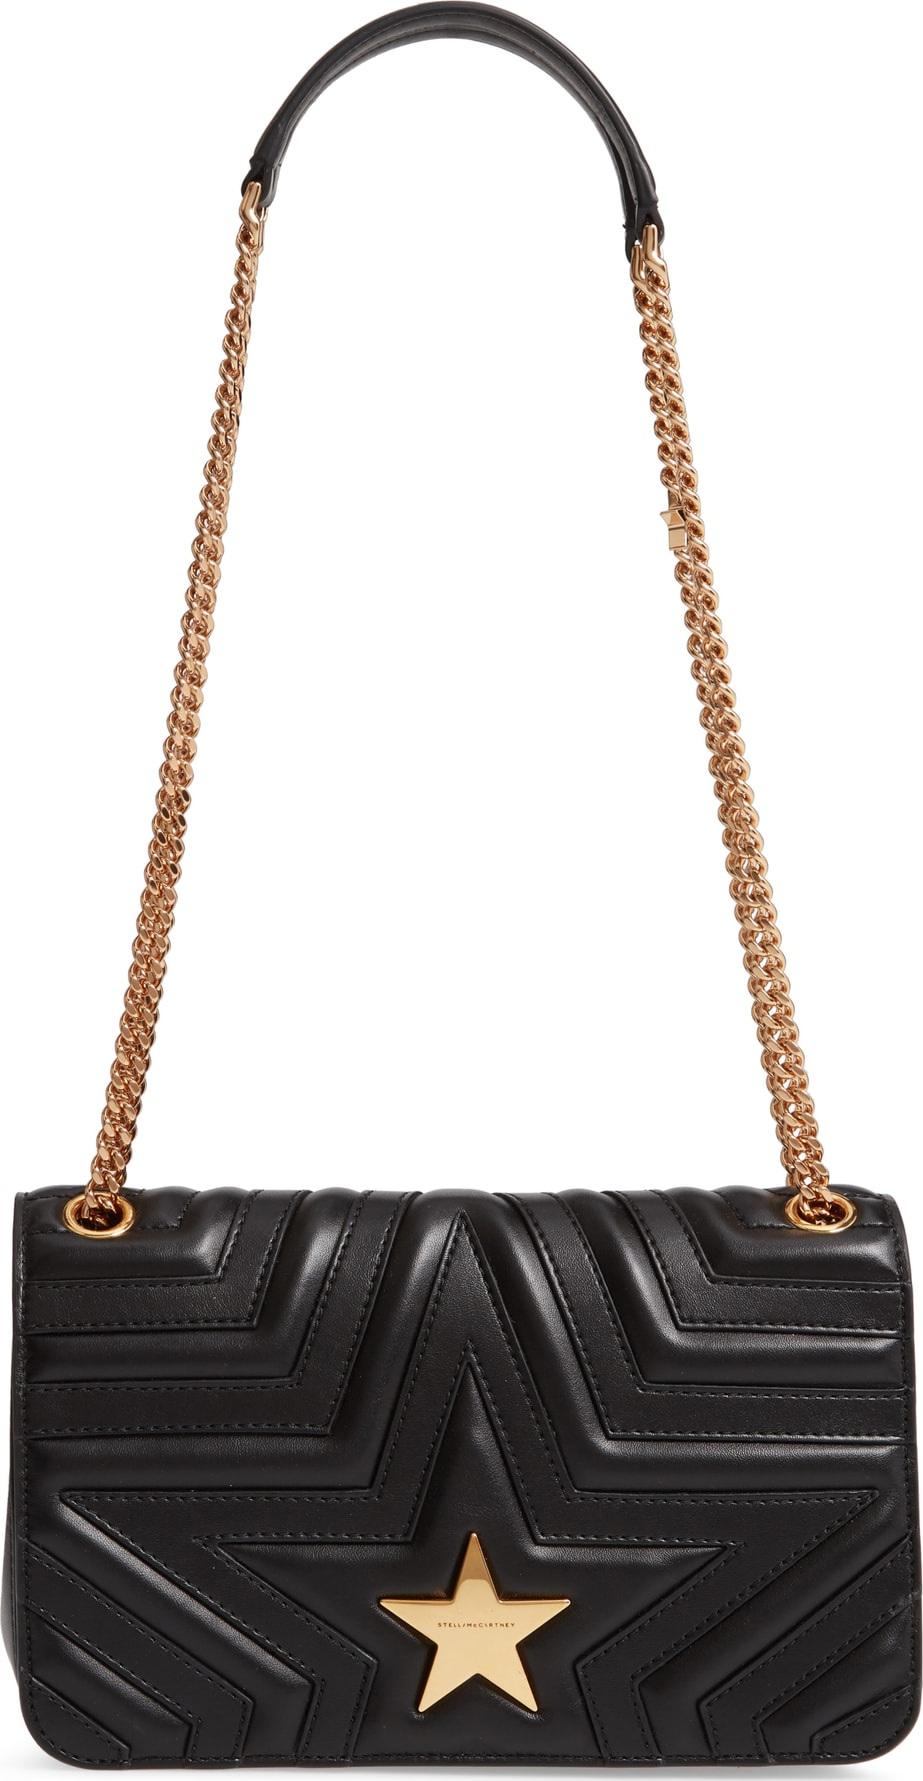 Stella McCartney Star Faux Leather Crossbody Bag - Mkt d128696ae745f